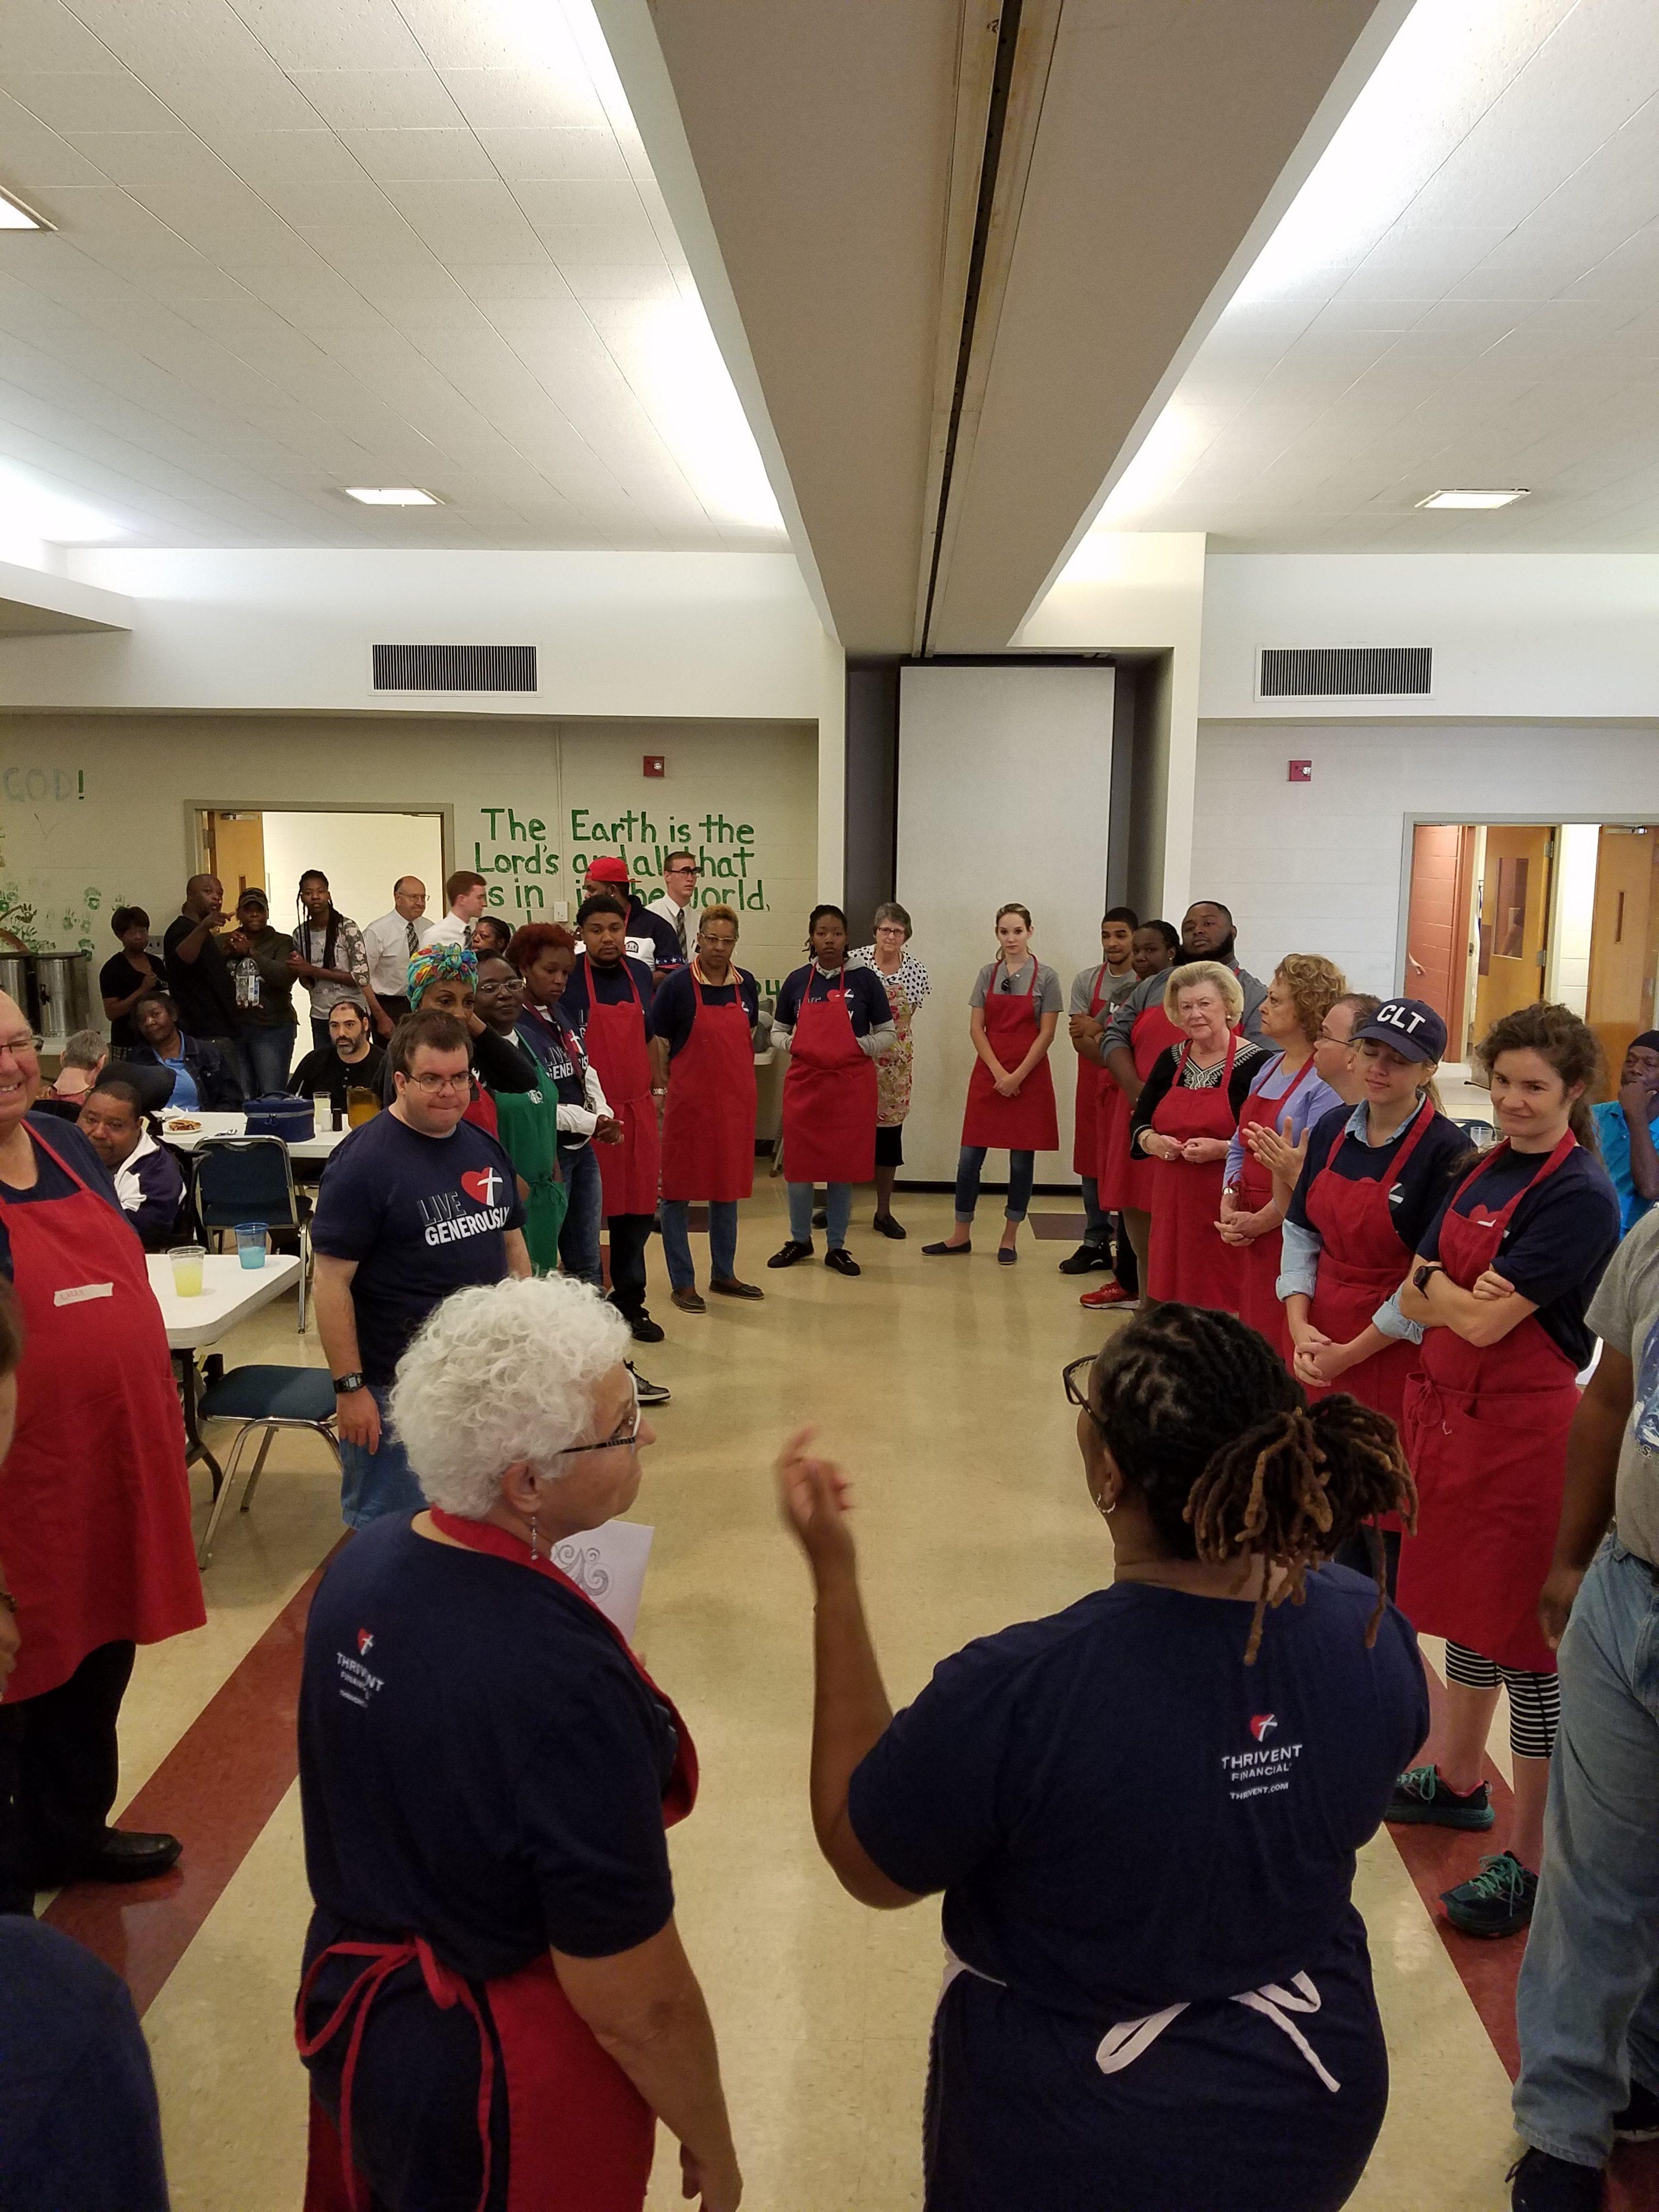 Ascension Lutheran Church Charlotte Nc Soup Kitchen